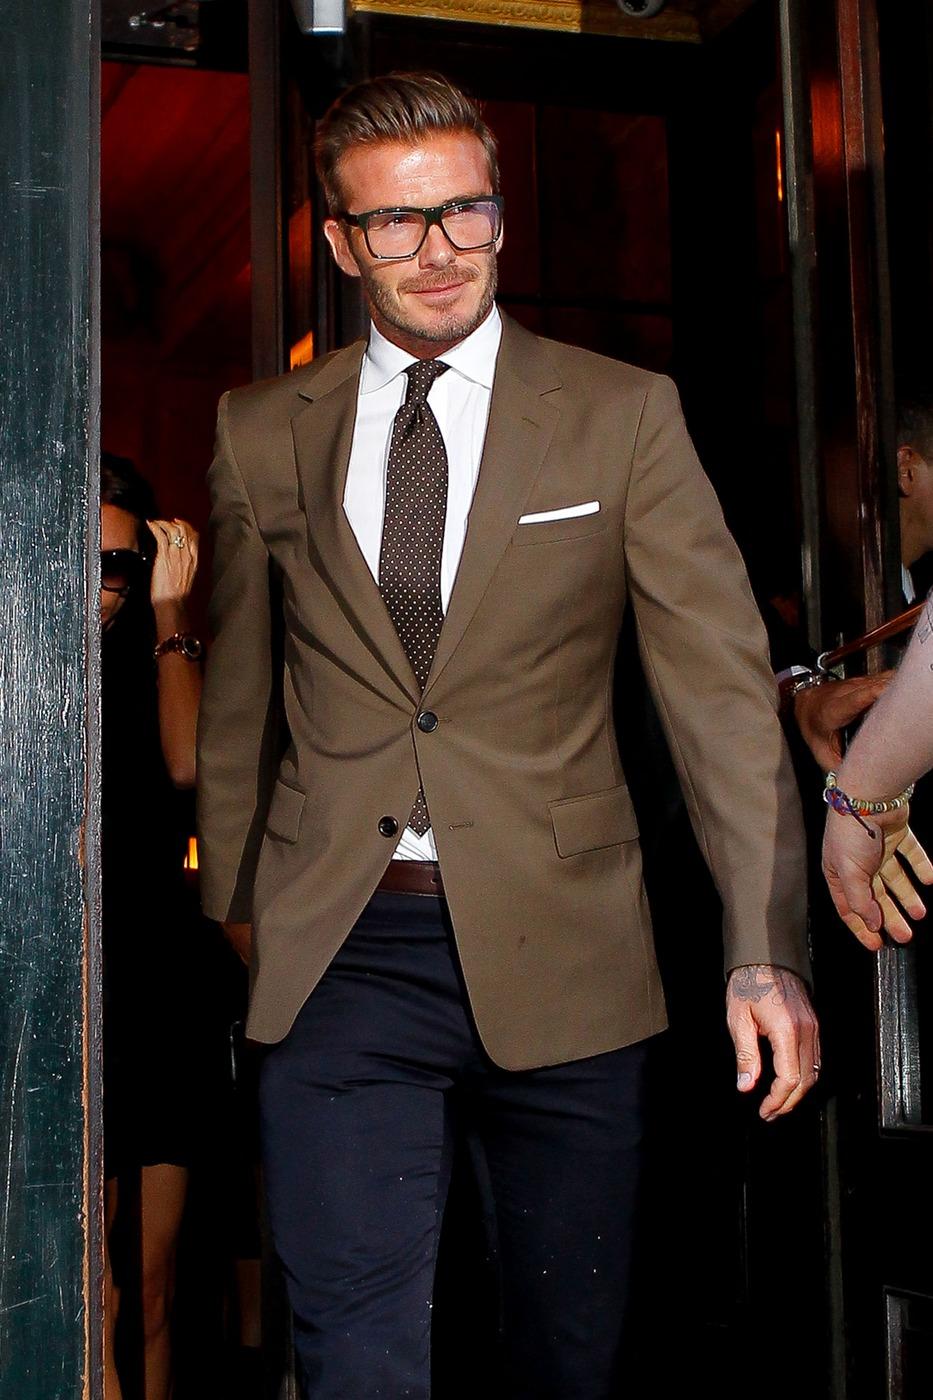 Hoje  podemos dizer que Beckham é um dos maiores ícones de estilo da  atualidade. Sua presença (fora de campo) é sempre garantia de bons  figurinos e serve de lição para muito boleiro.